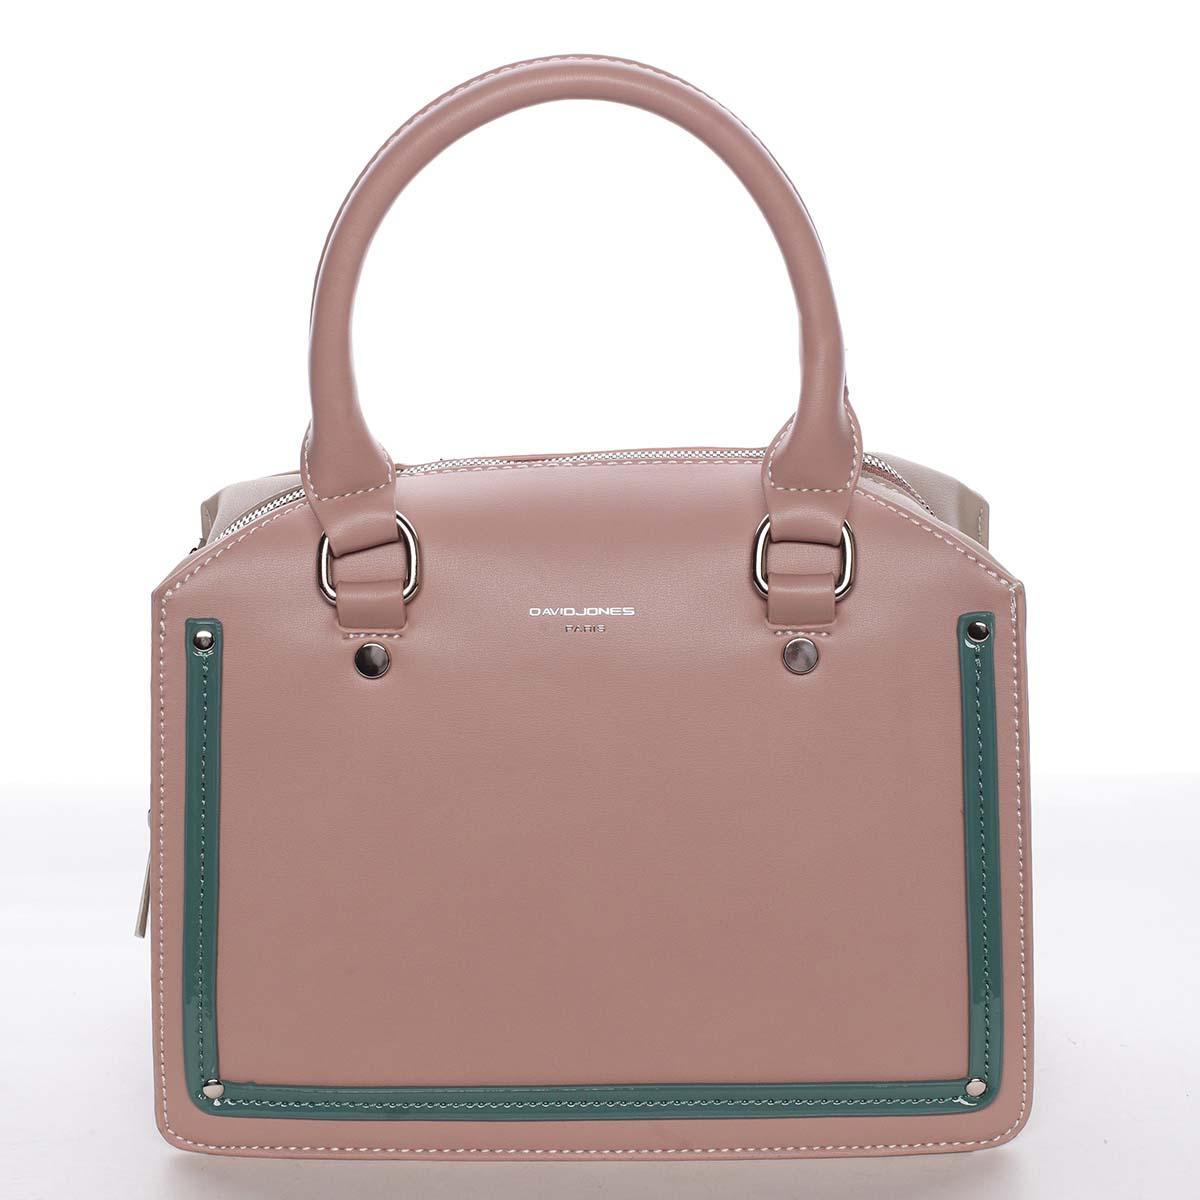 Malá originálna dámska kabelka do ruky ružová - David Jones Aglaia ružová